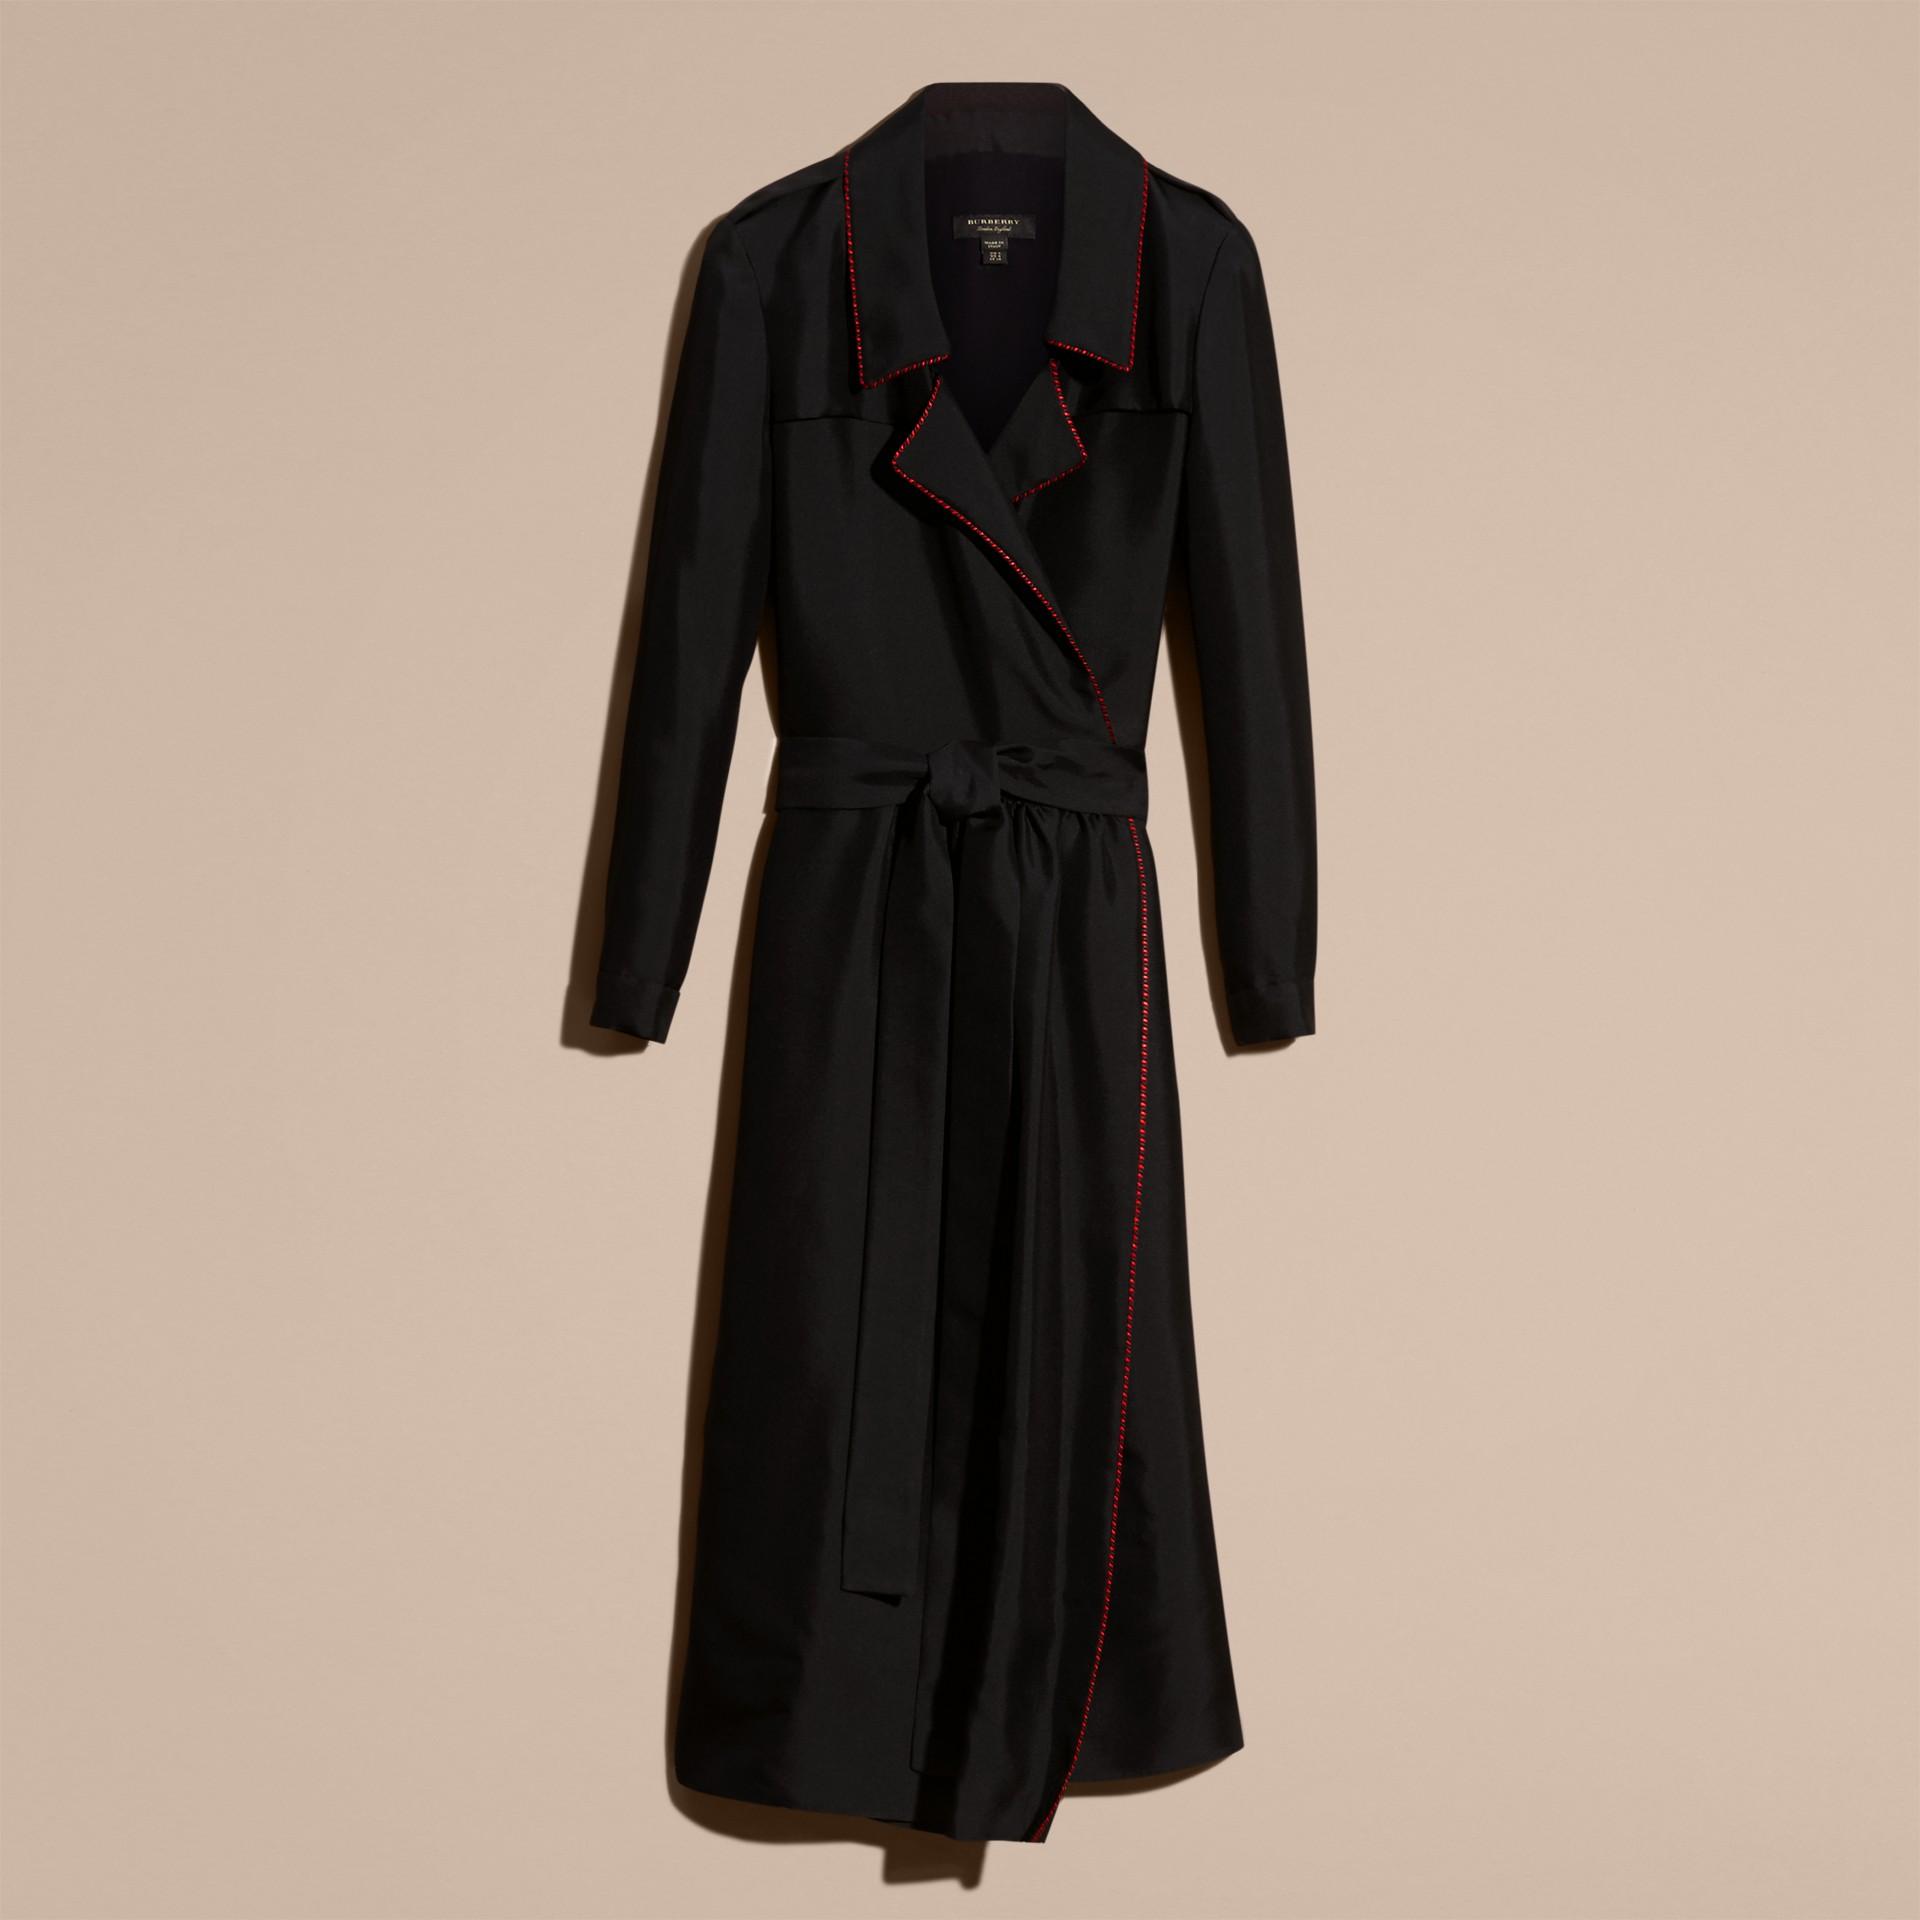 Preto Vestido Trench estilo wrap de seda com debrum militar - galeria de imagens 4